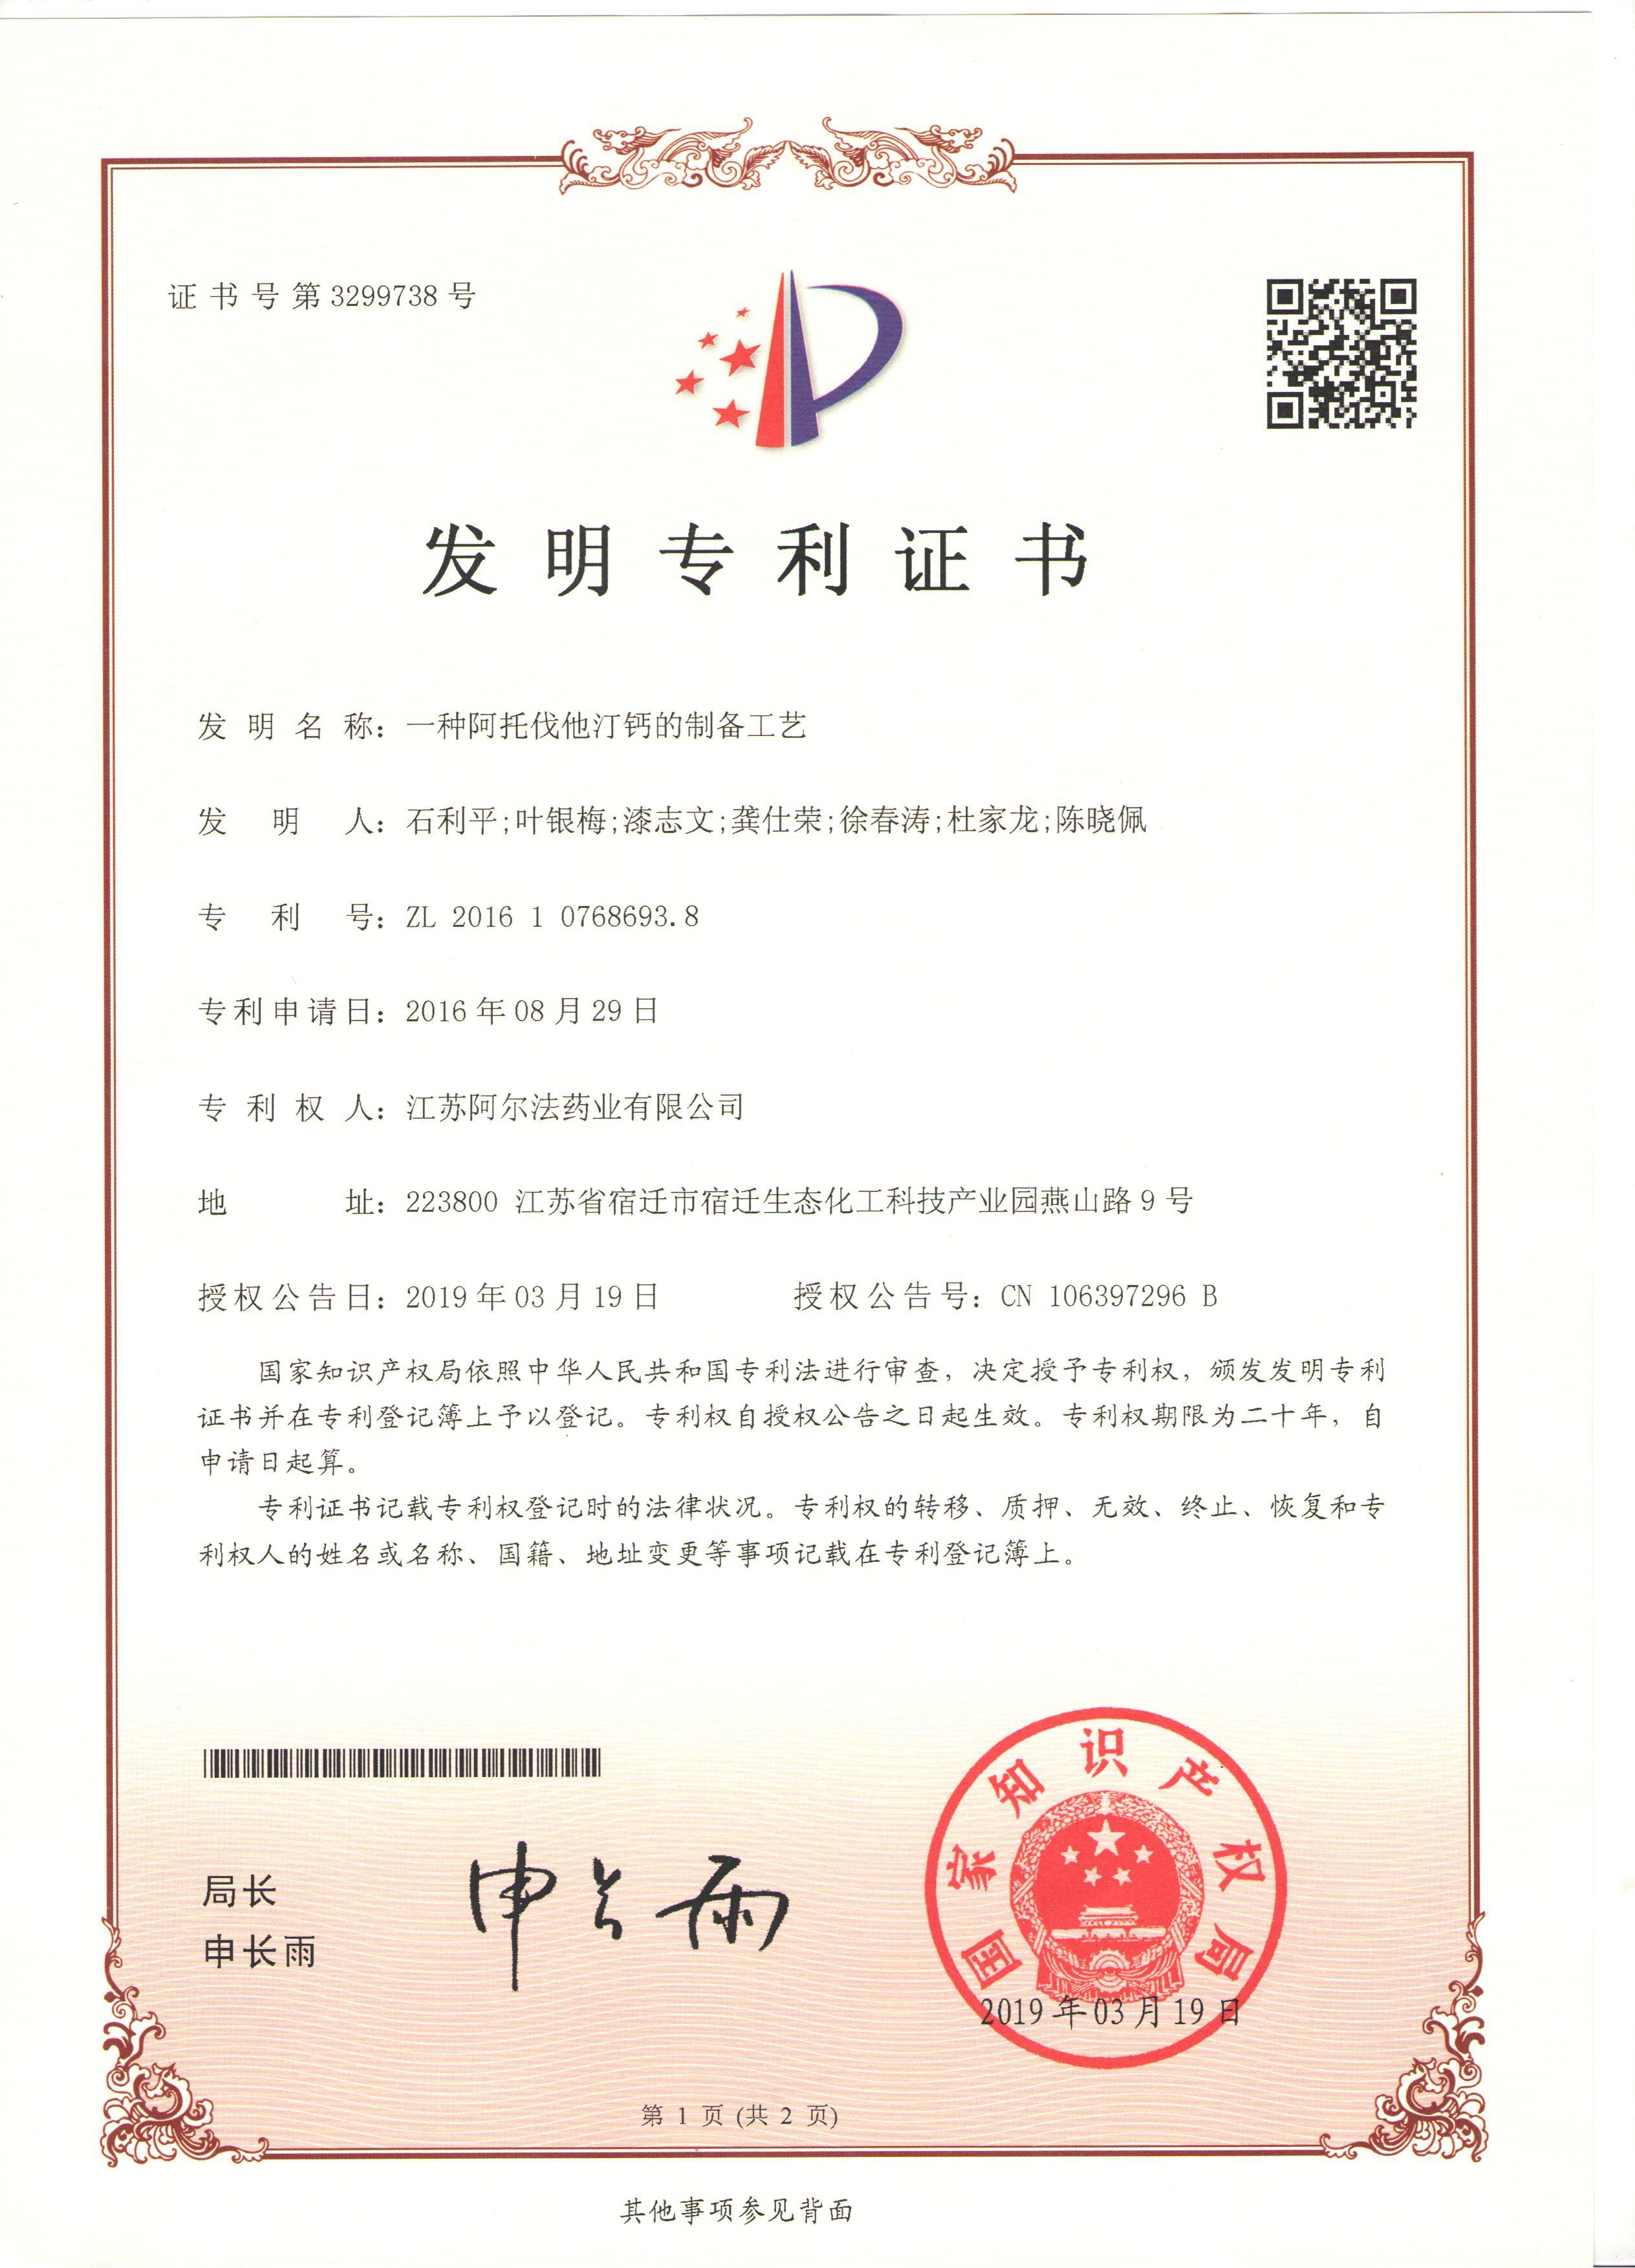 榮譽-專利-24.一種阿托伐他汀的制備工藝201610768693.8-1